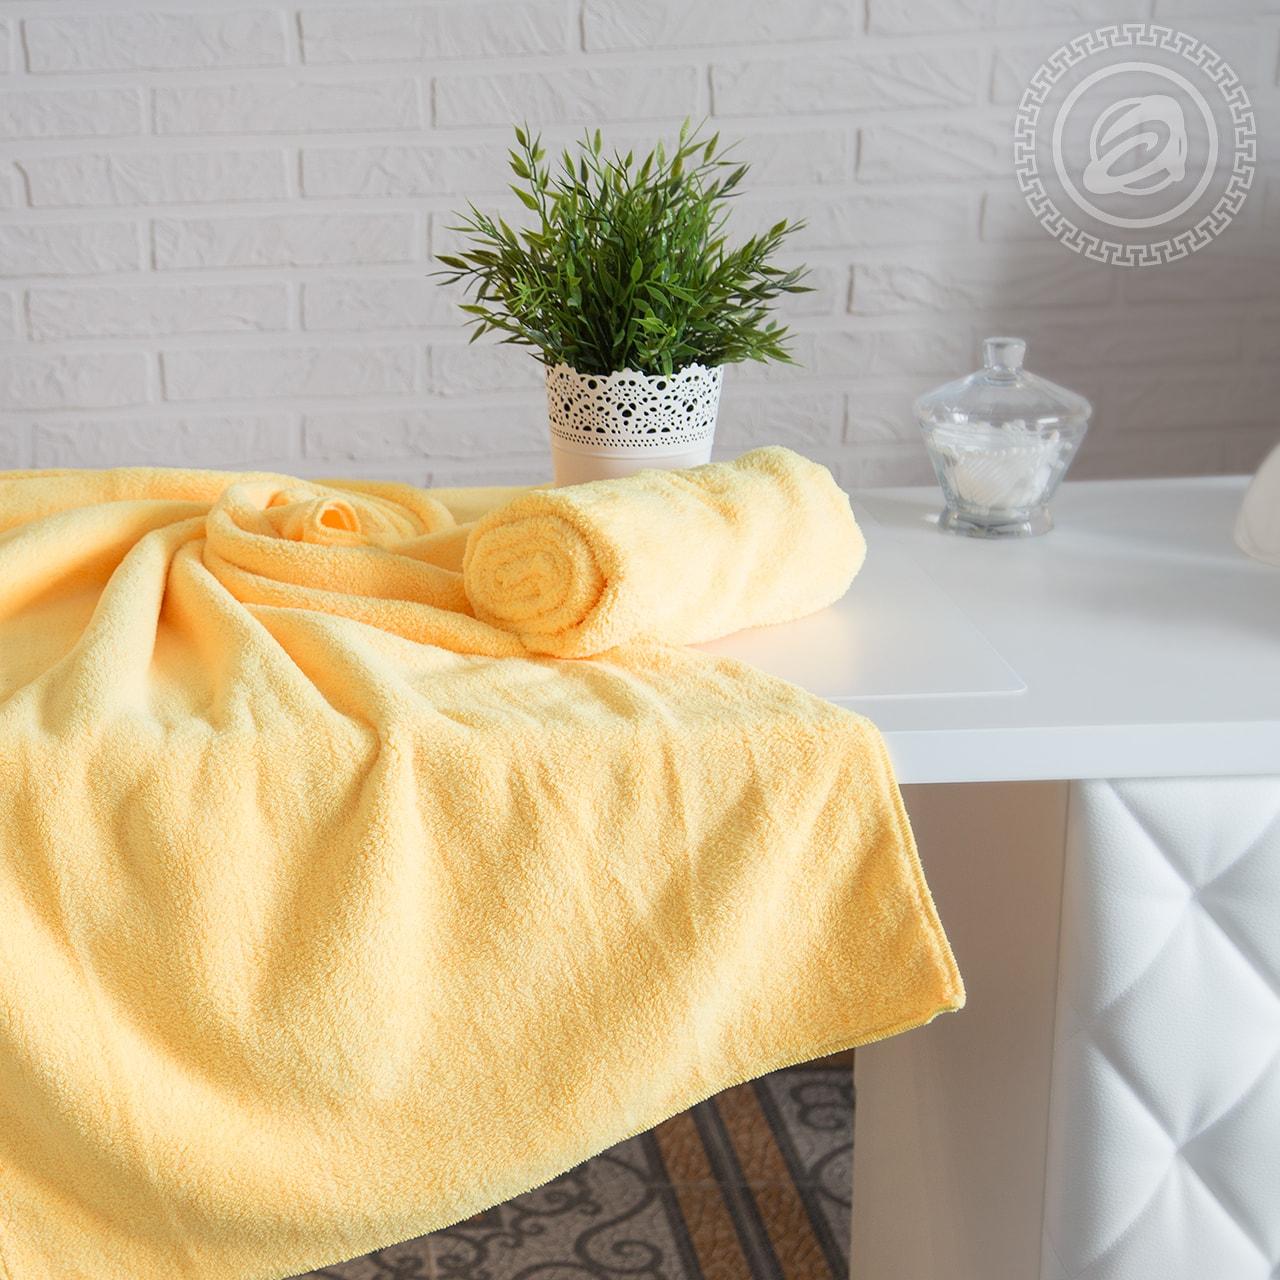 Банное полотенце Грандсток 11458050 от Grandstock